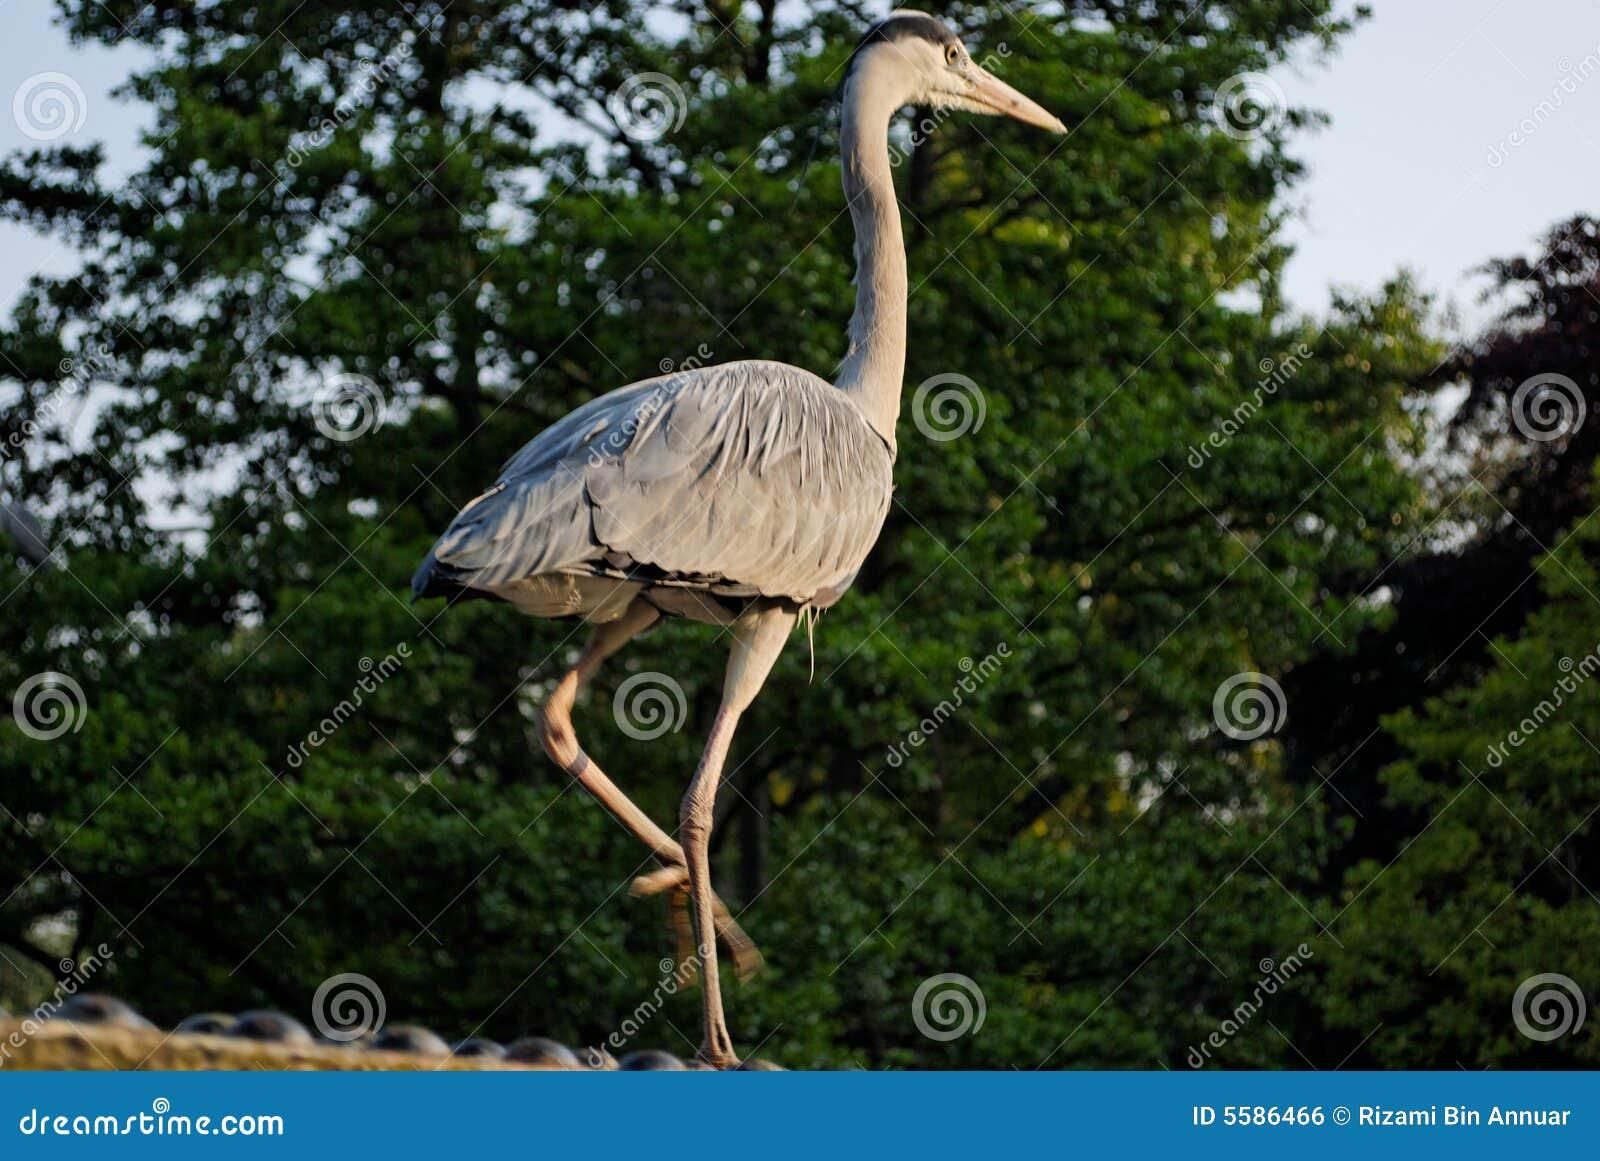 Uccelli nella sosta del reggente - 2